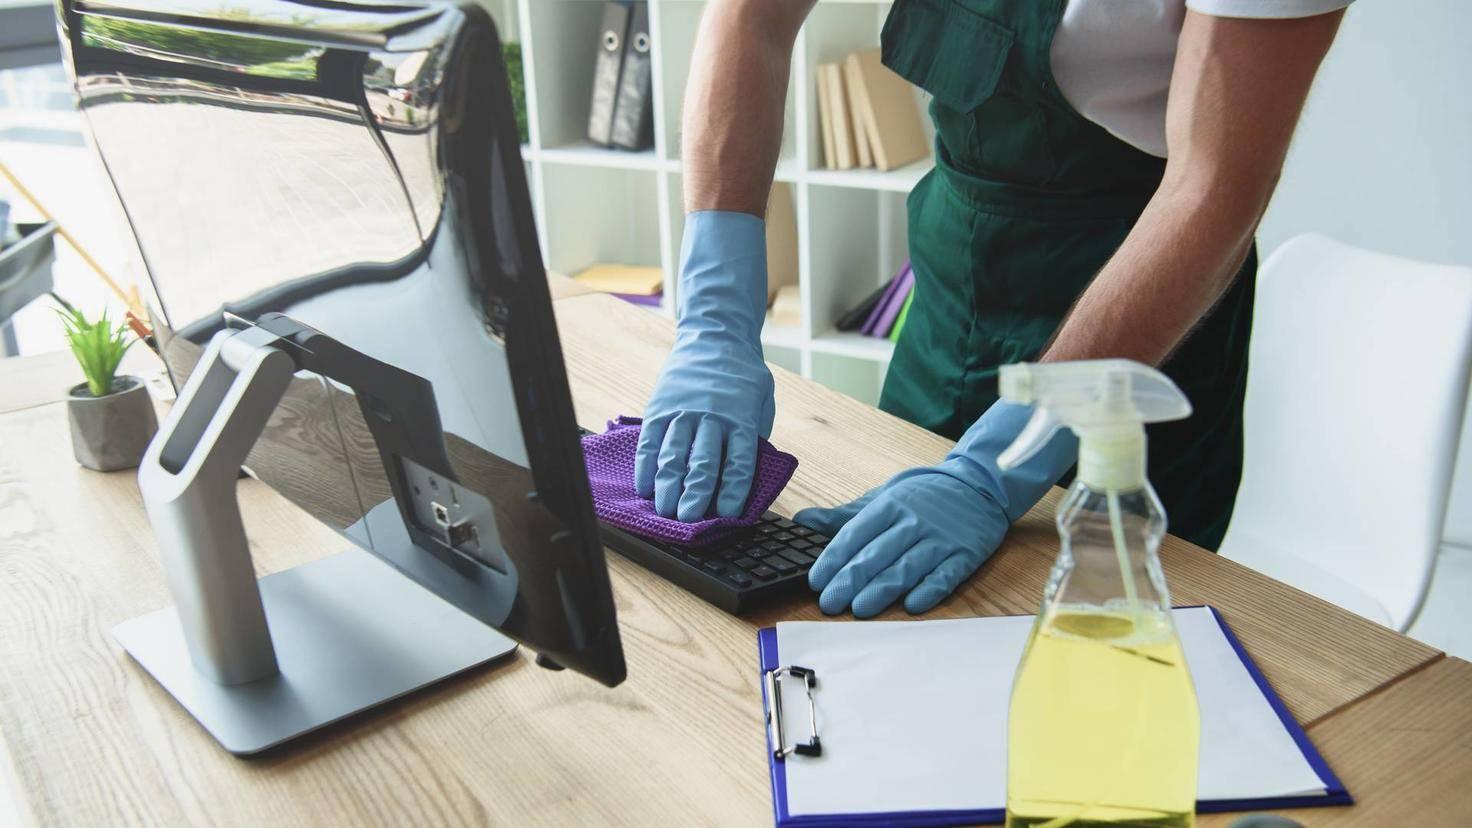 PC-Tastatur-reinigen